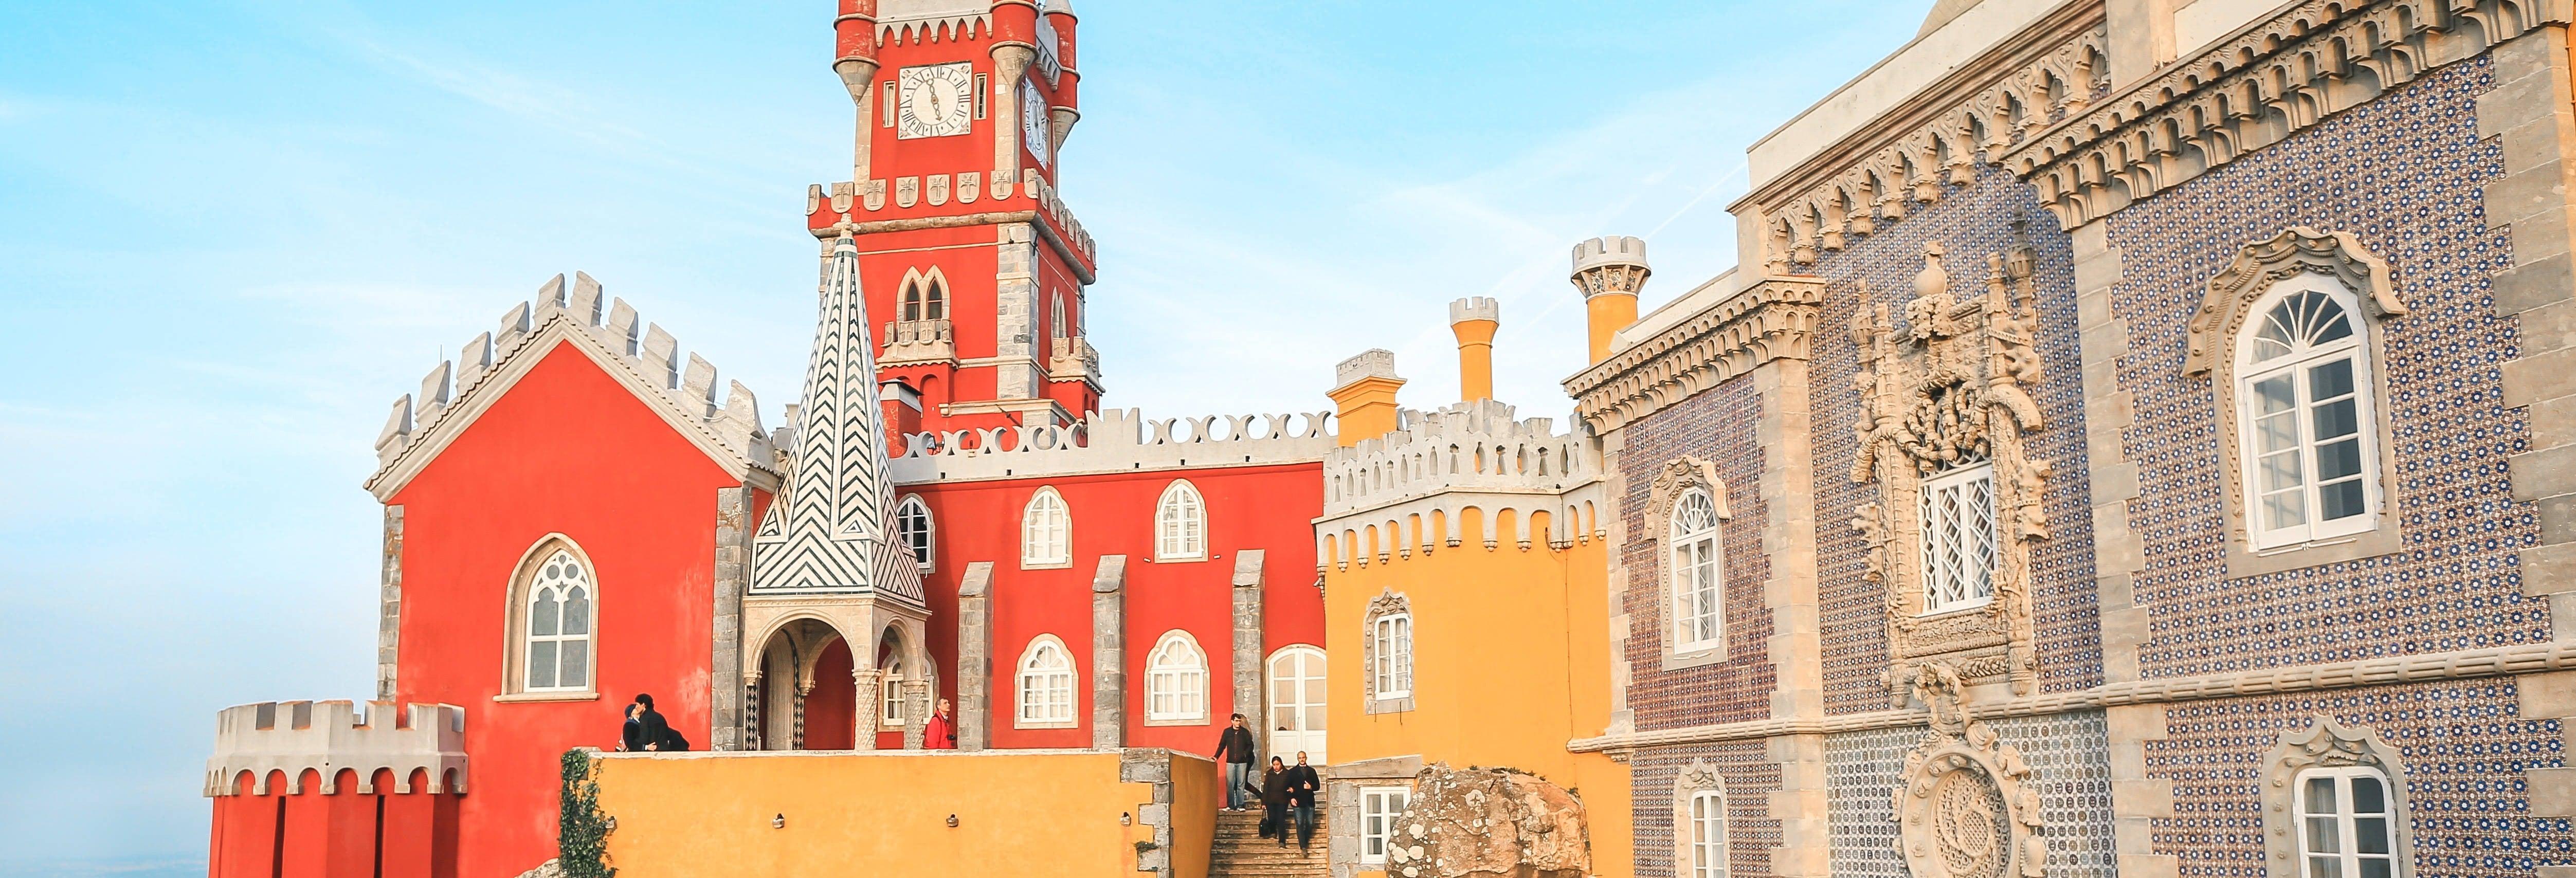 Ingresso do Palácio da Pena e seus jardins